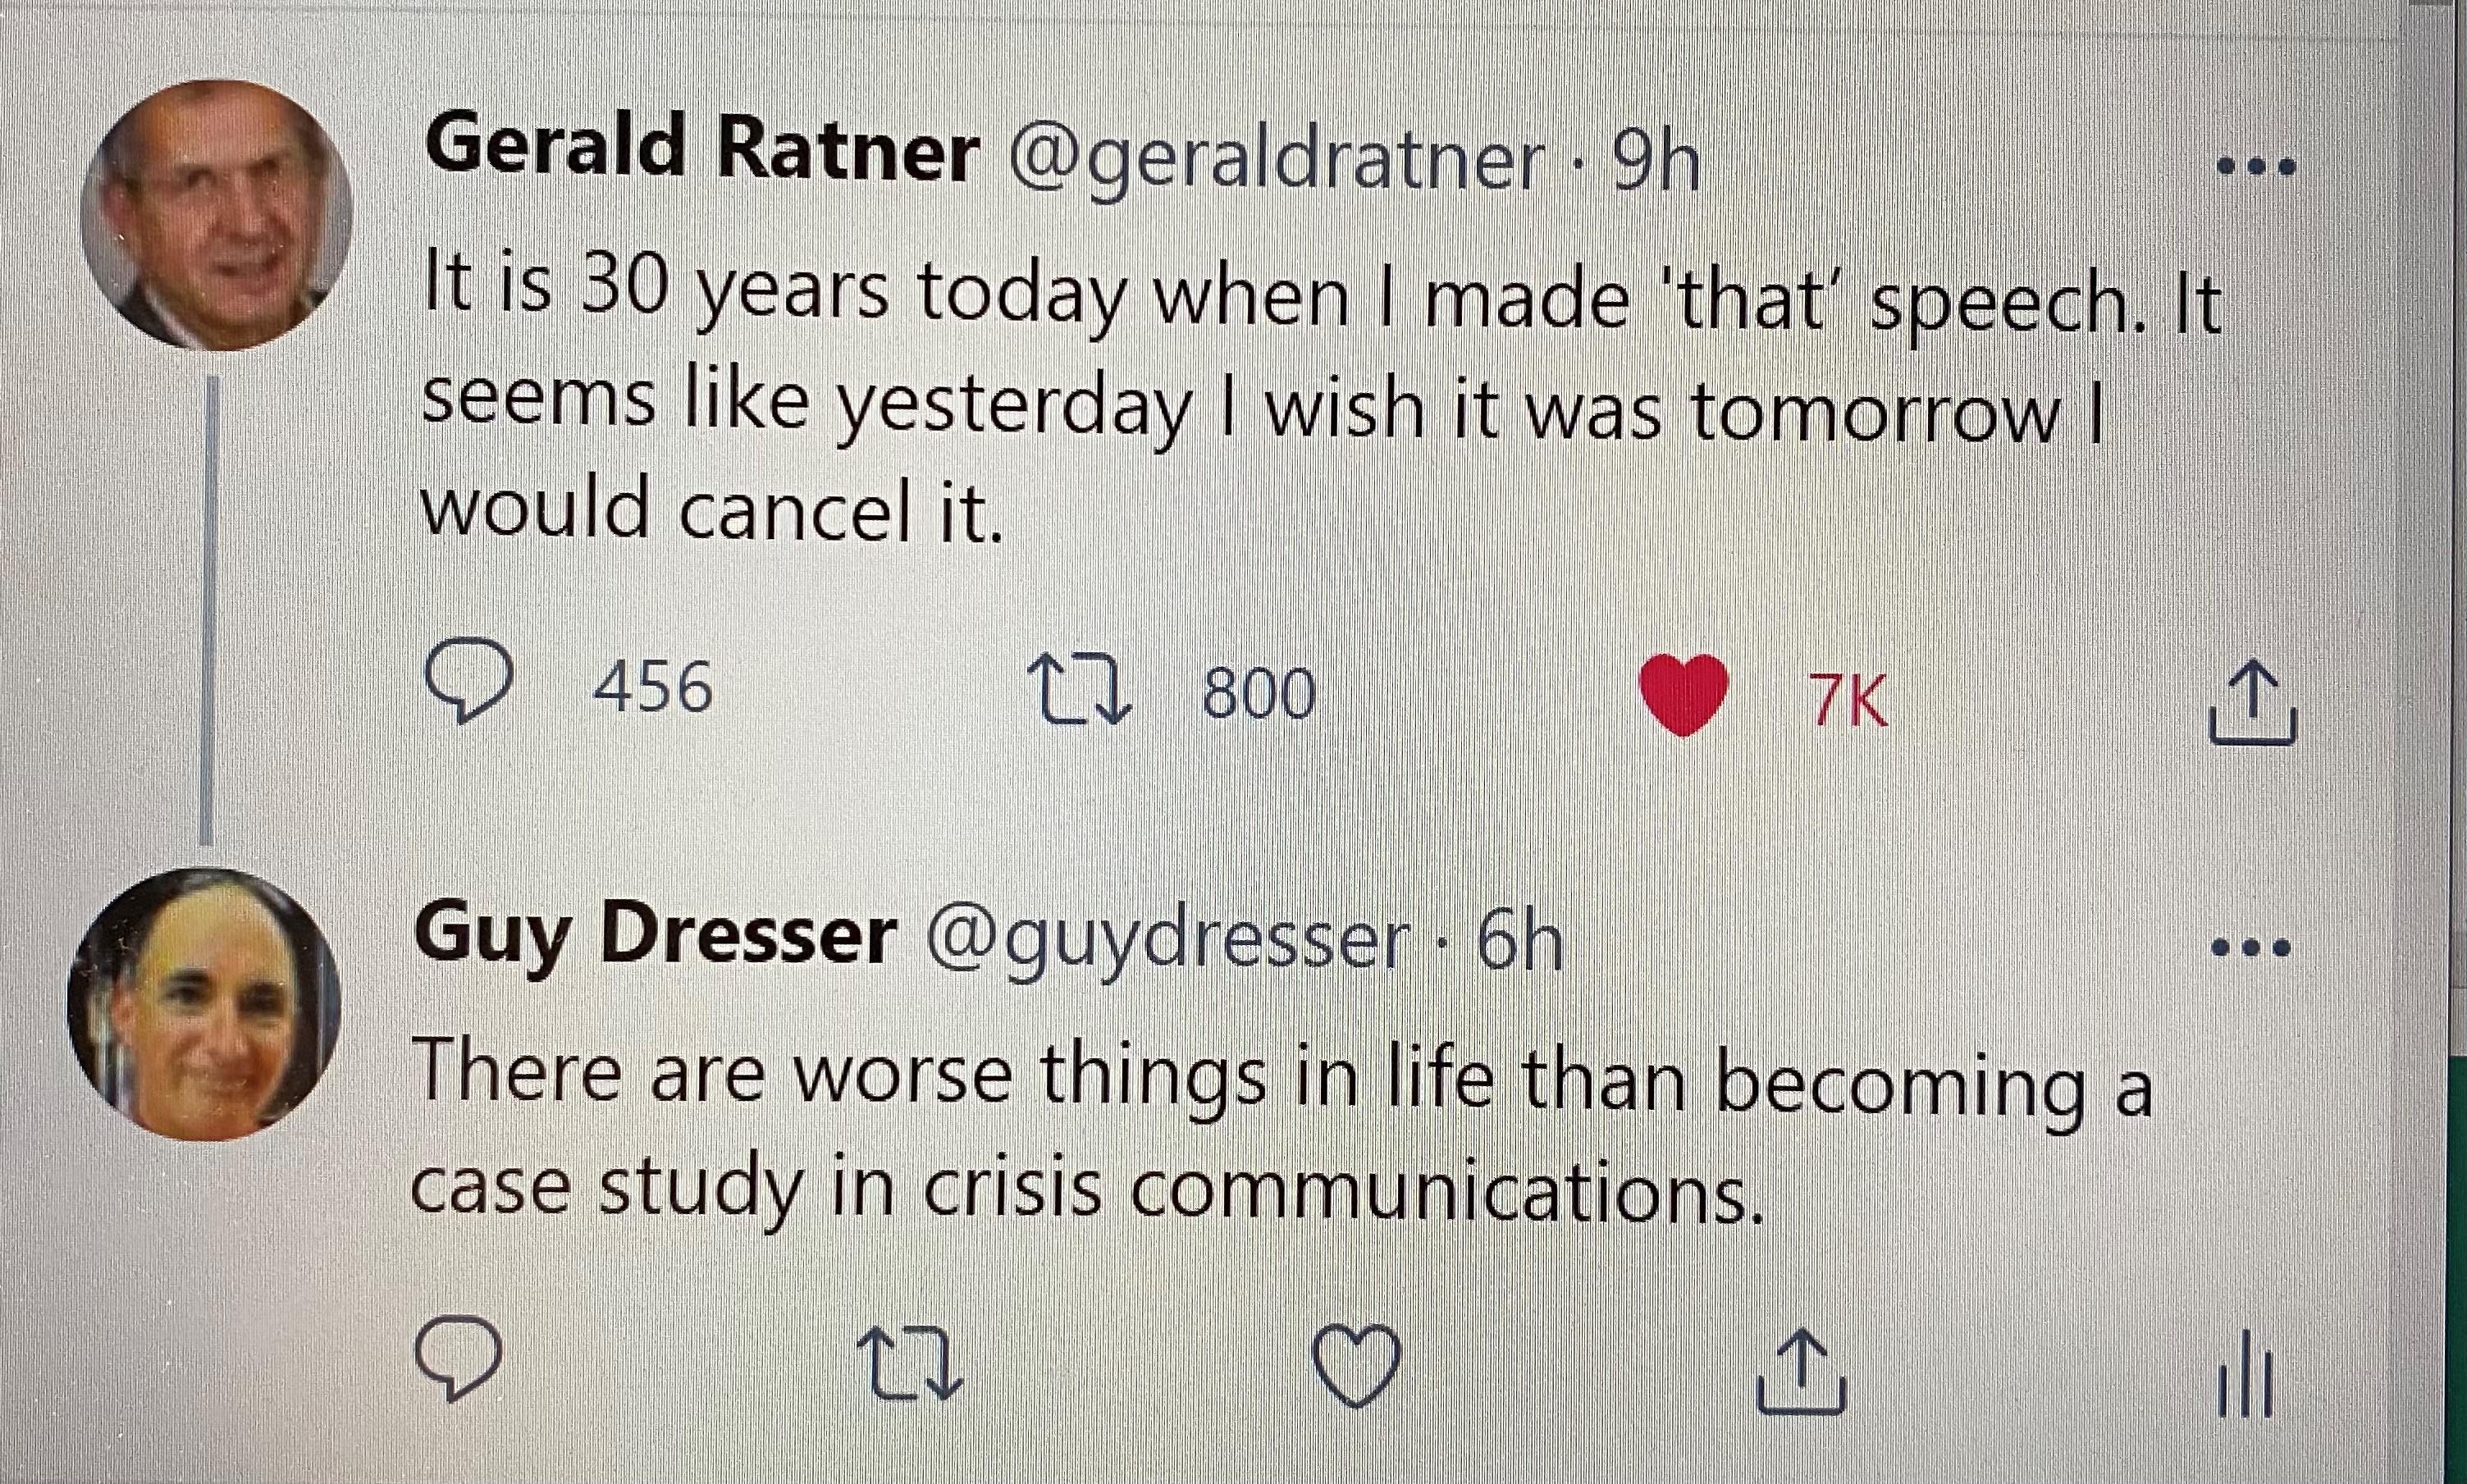 Gerald Ratner tweet